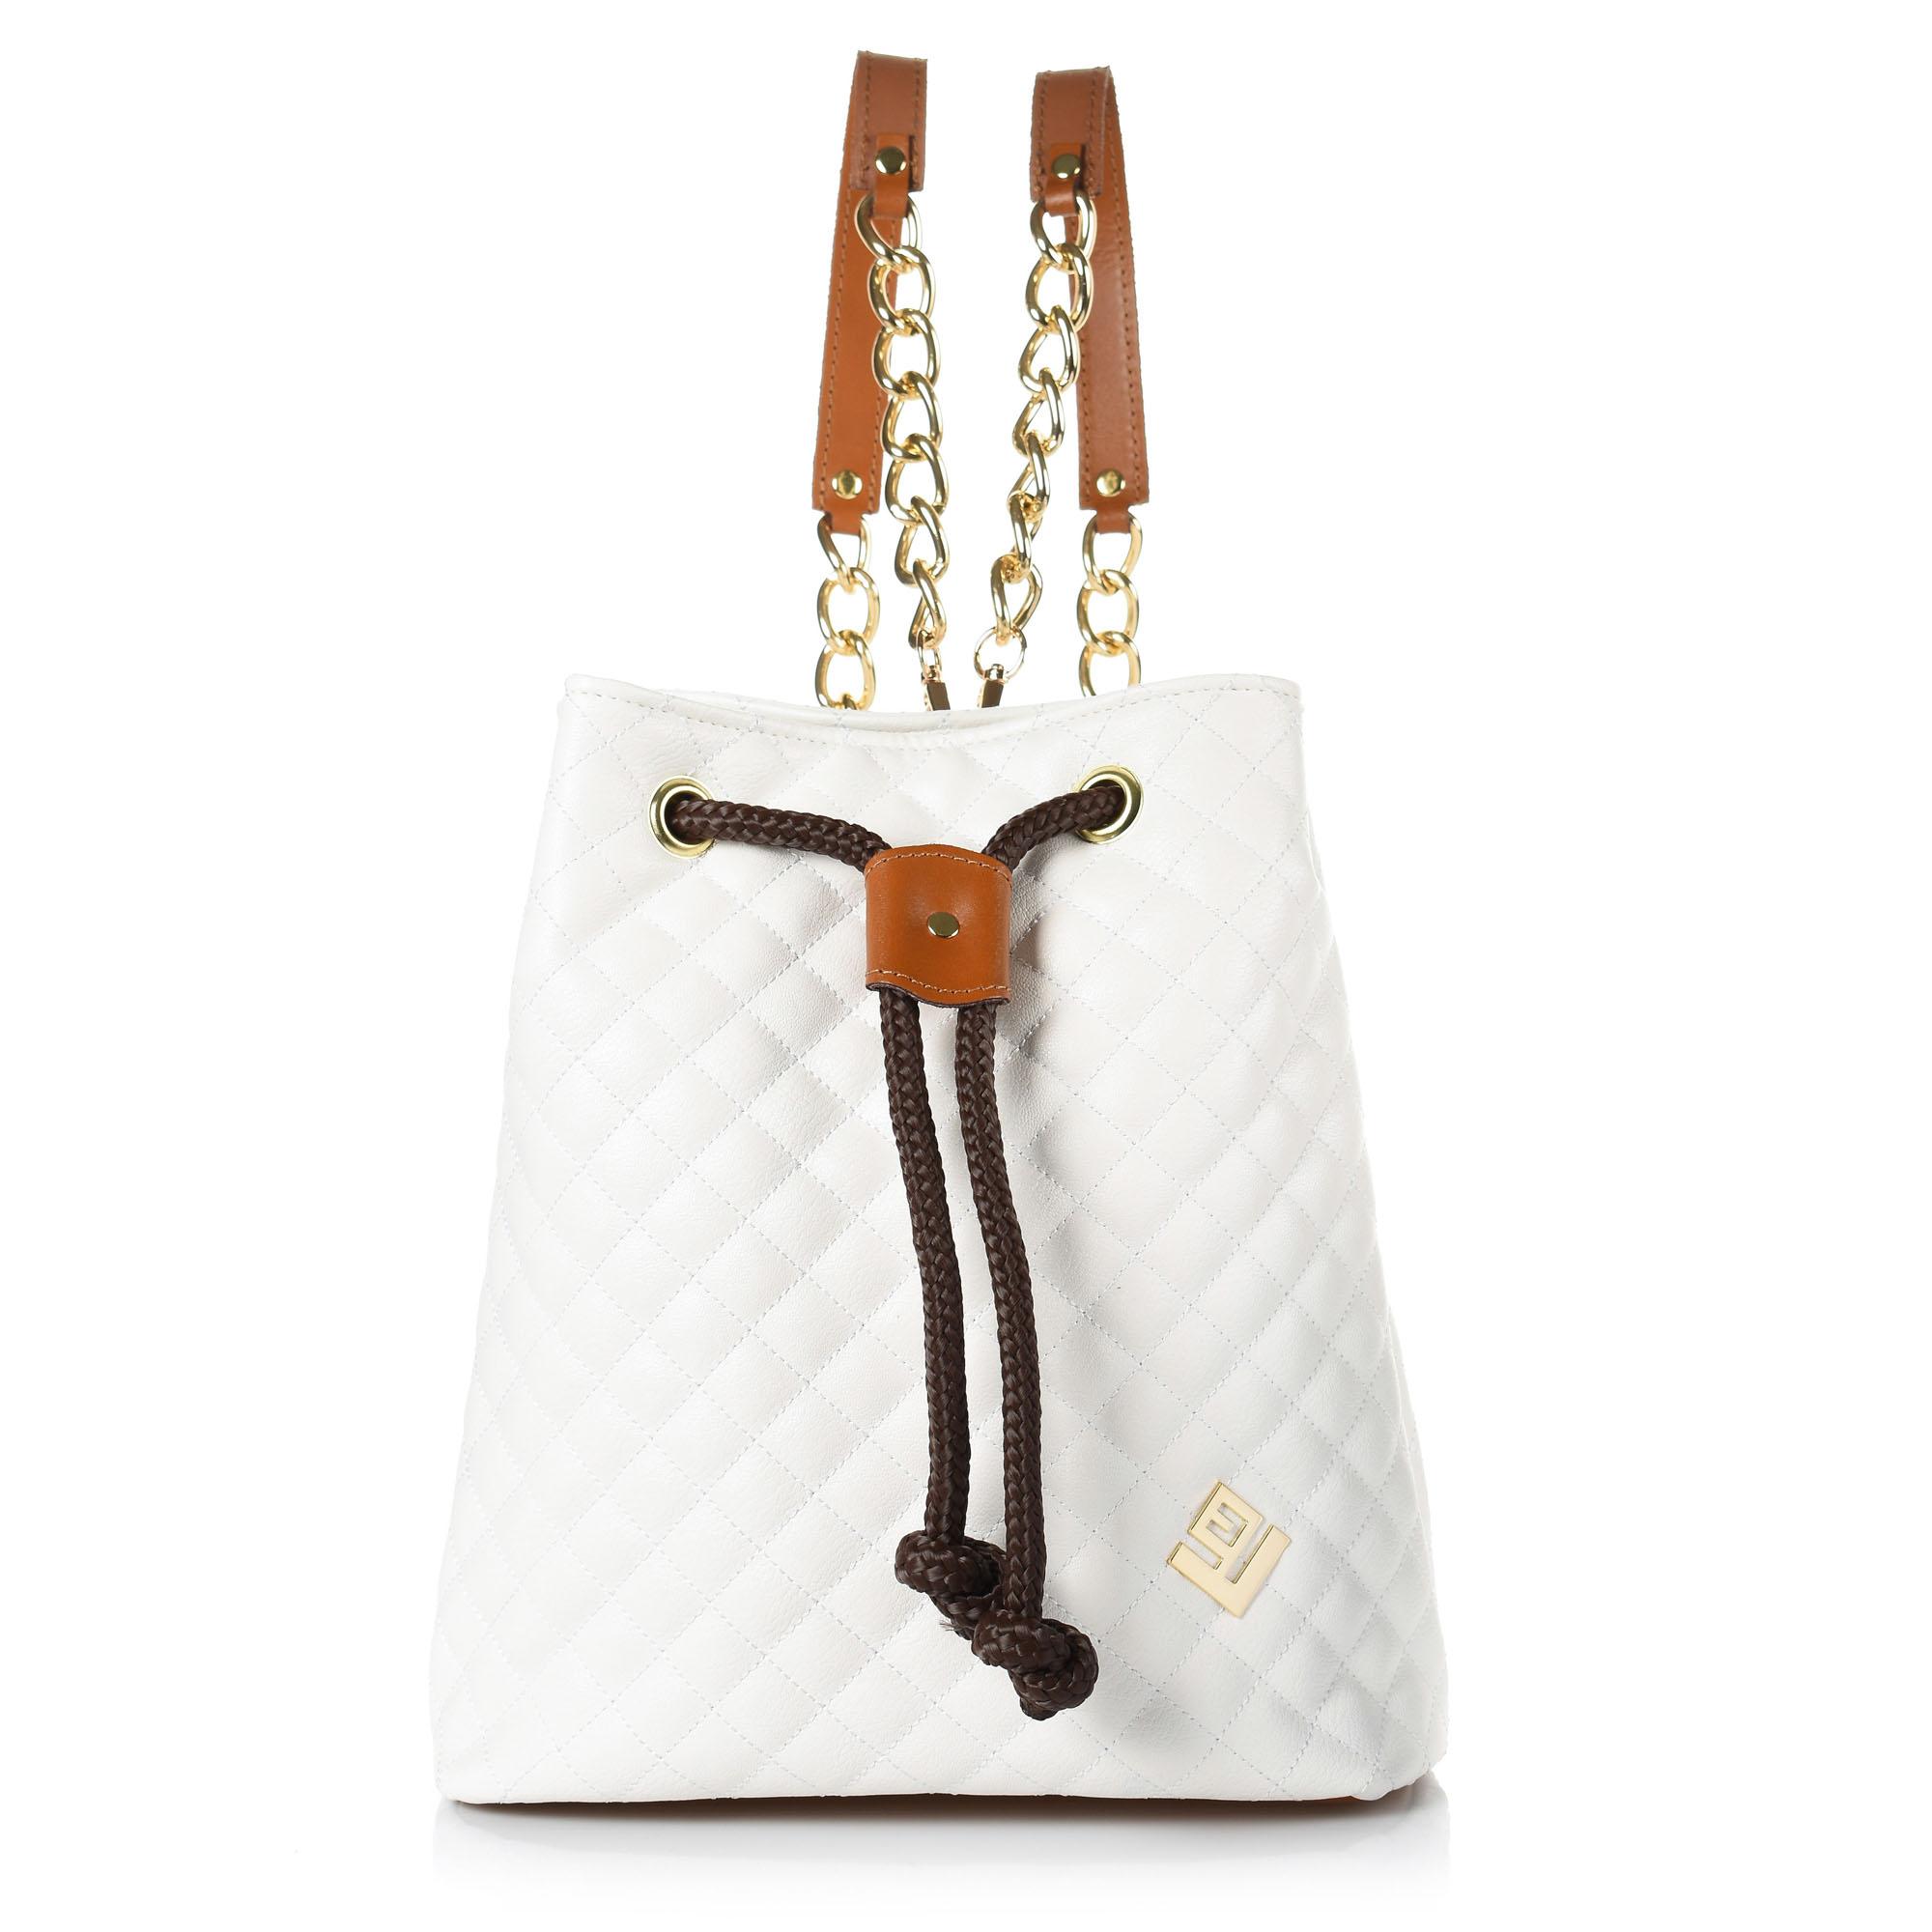 Πουγκί-Σακίδιο Πλάτης Lovely 6P-SC-01 γυναικα   γυναικεία τσάντα